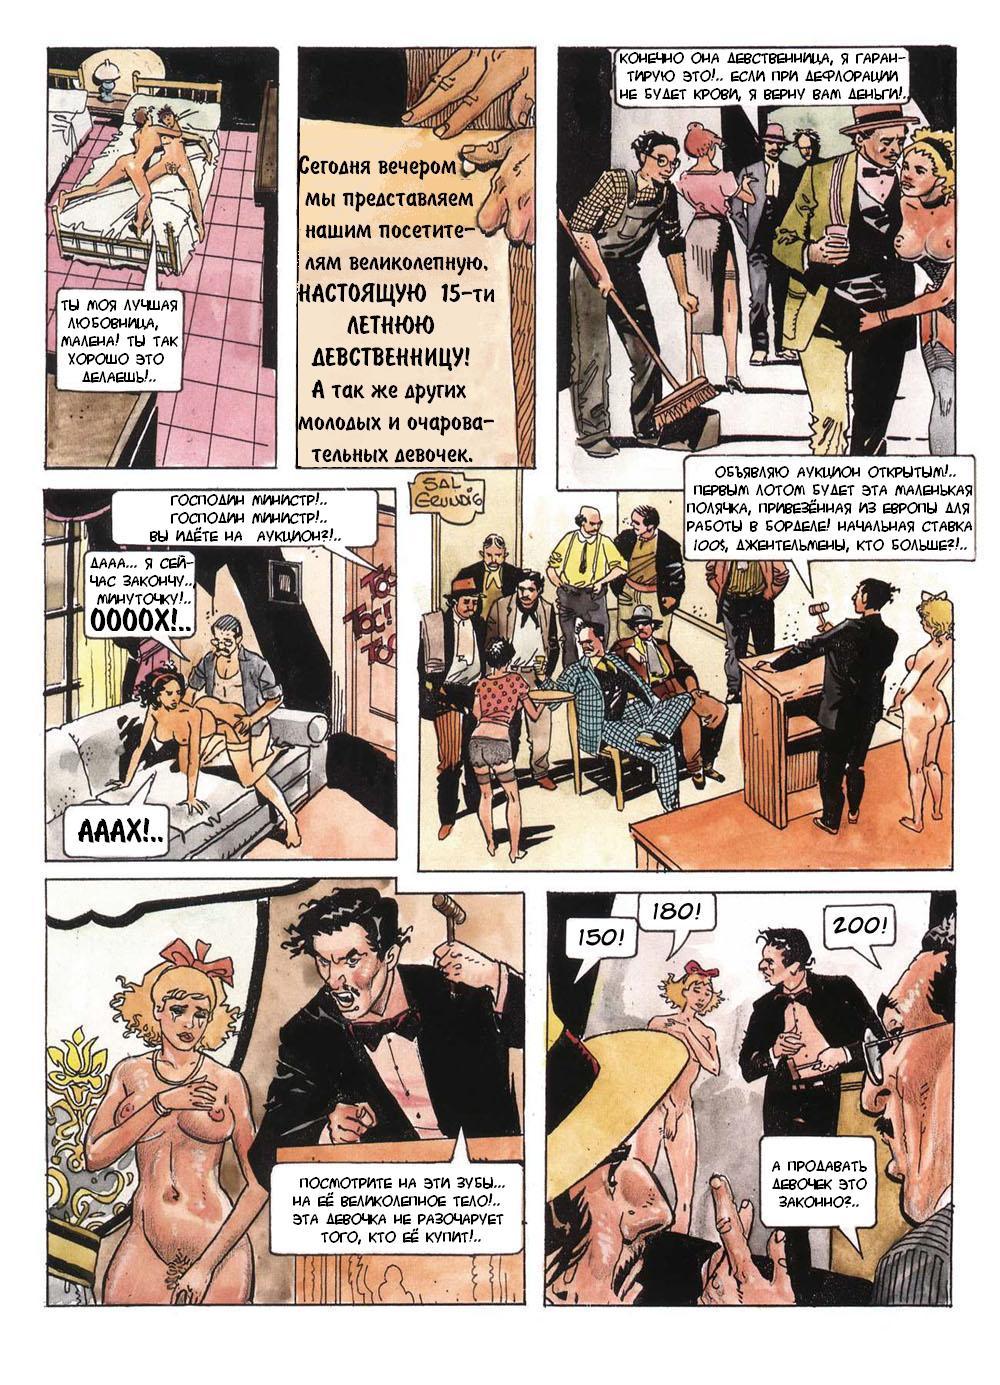 Комиксы порно малена